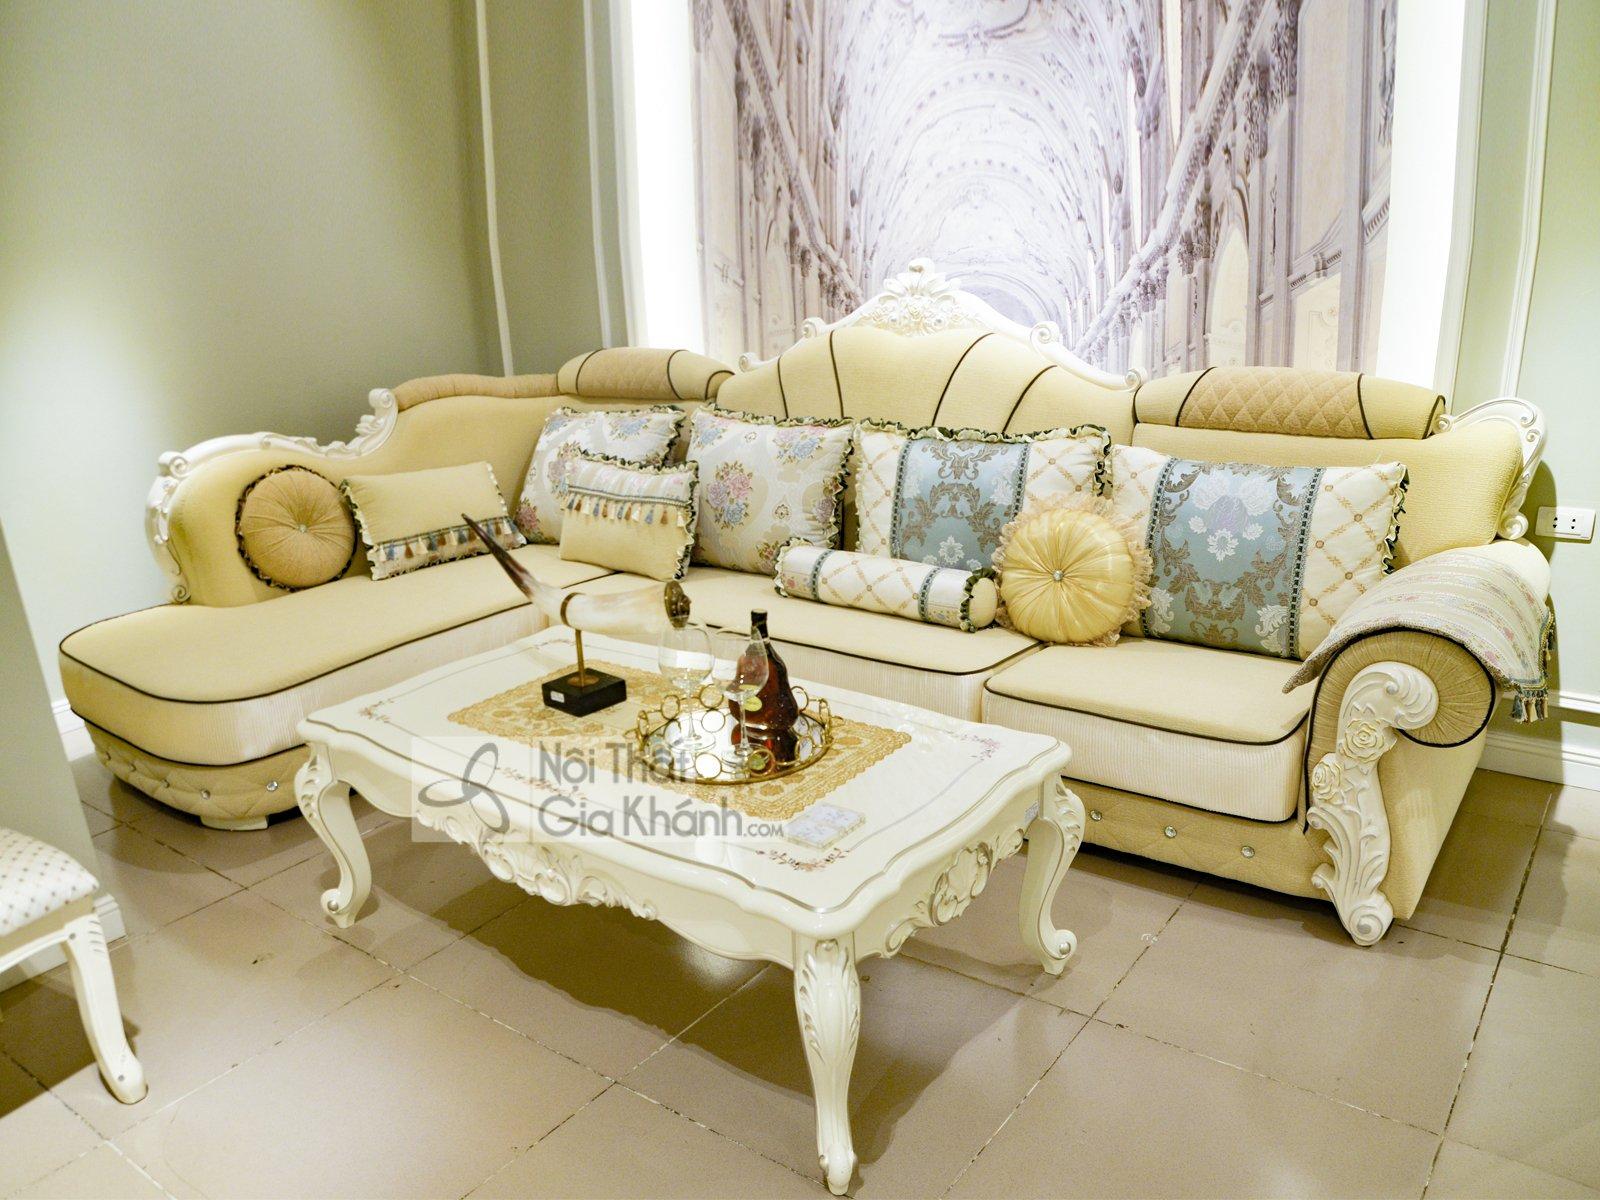 Sofa tối giản - Phong cách sofa Minimalism đang làm bá chủ thế giới! - bo sofa ni goc phai tan co dien a58 gp